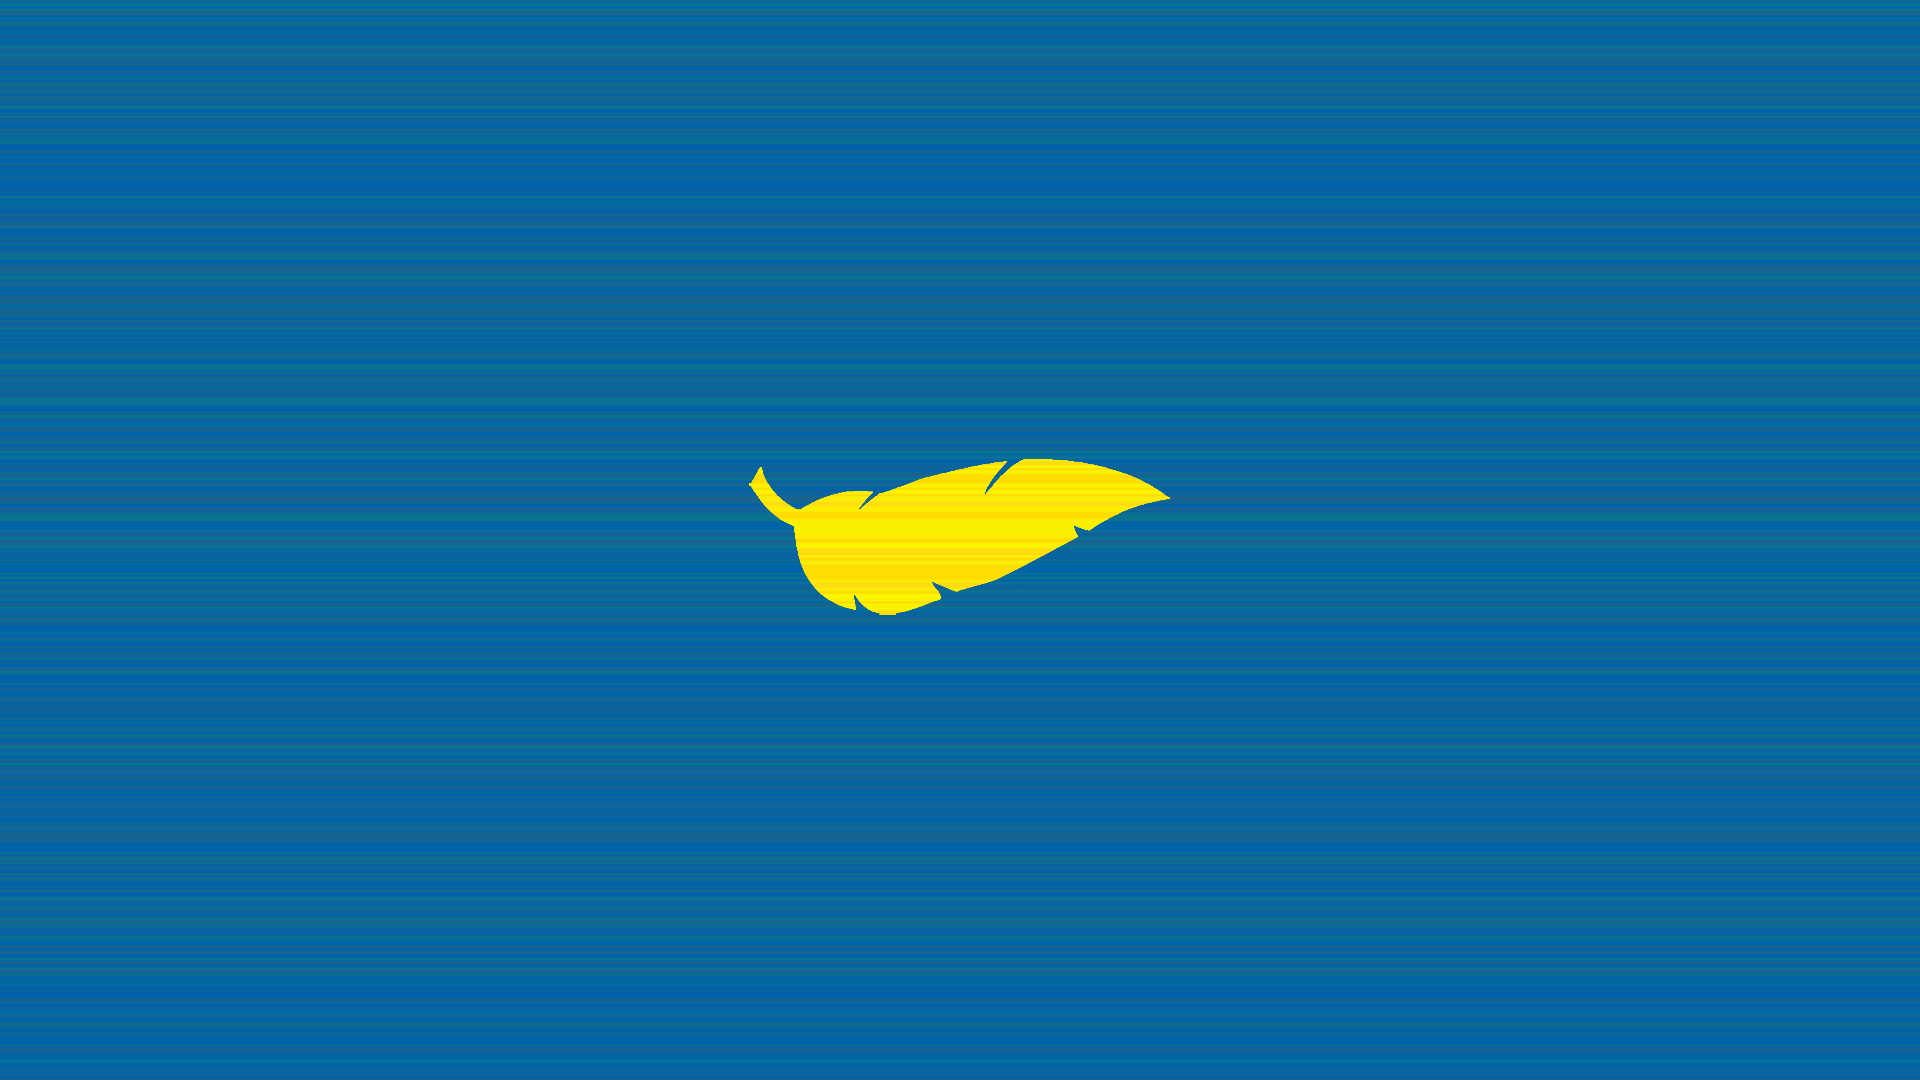 haikuleaf-yellow_bluish